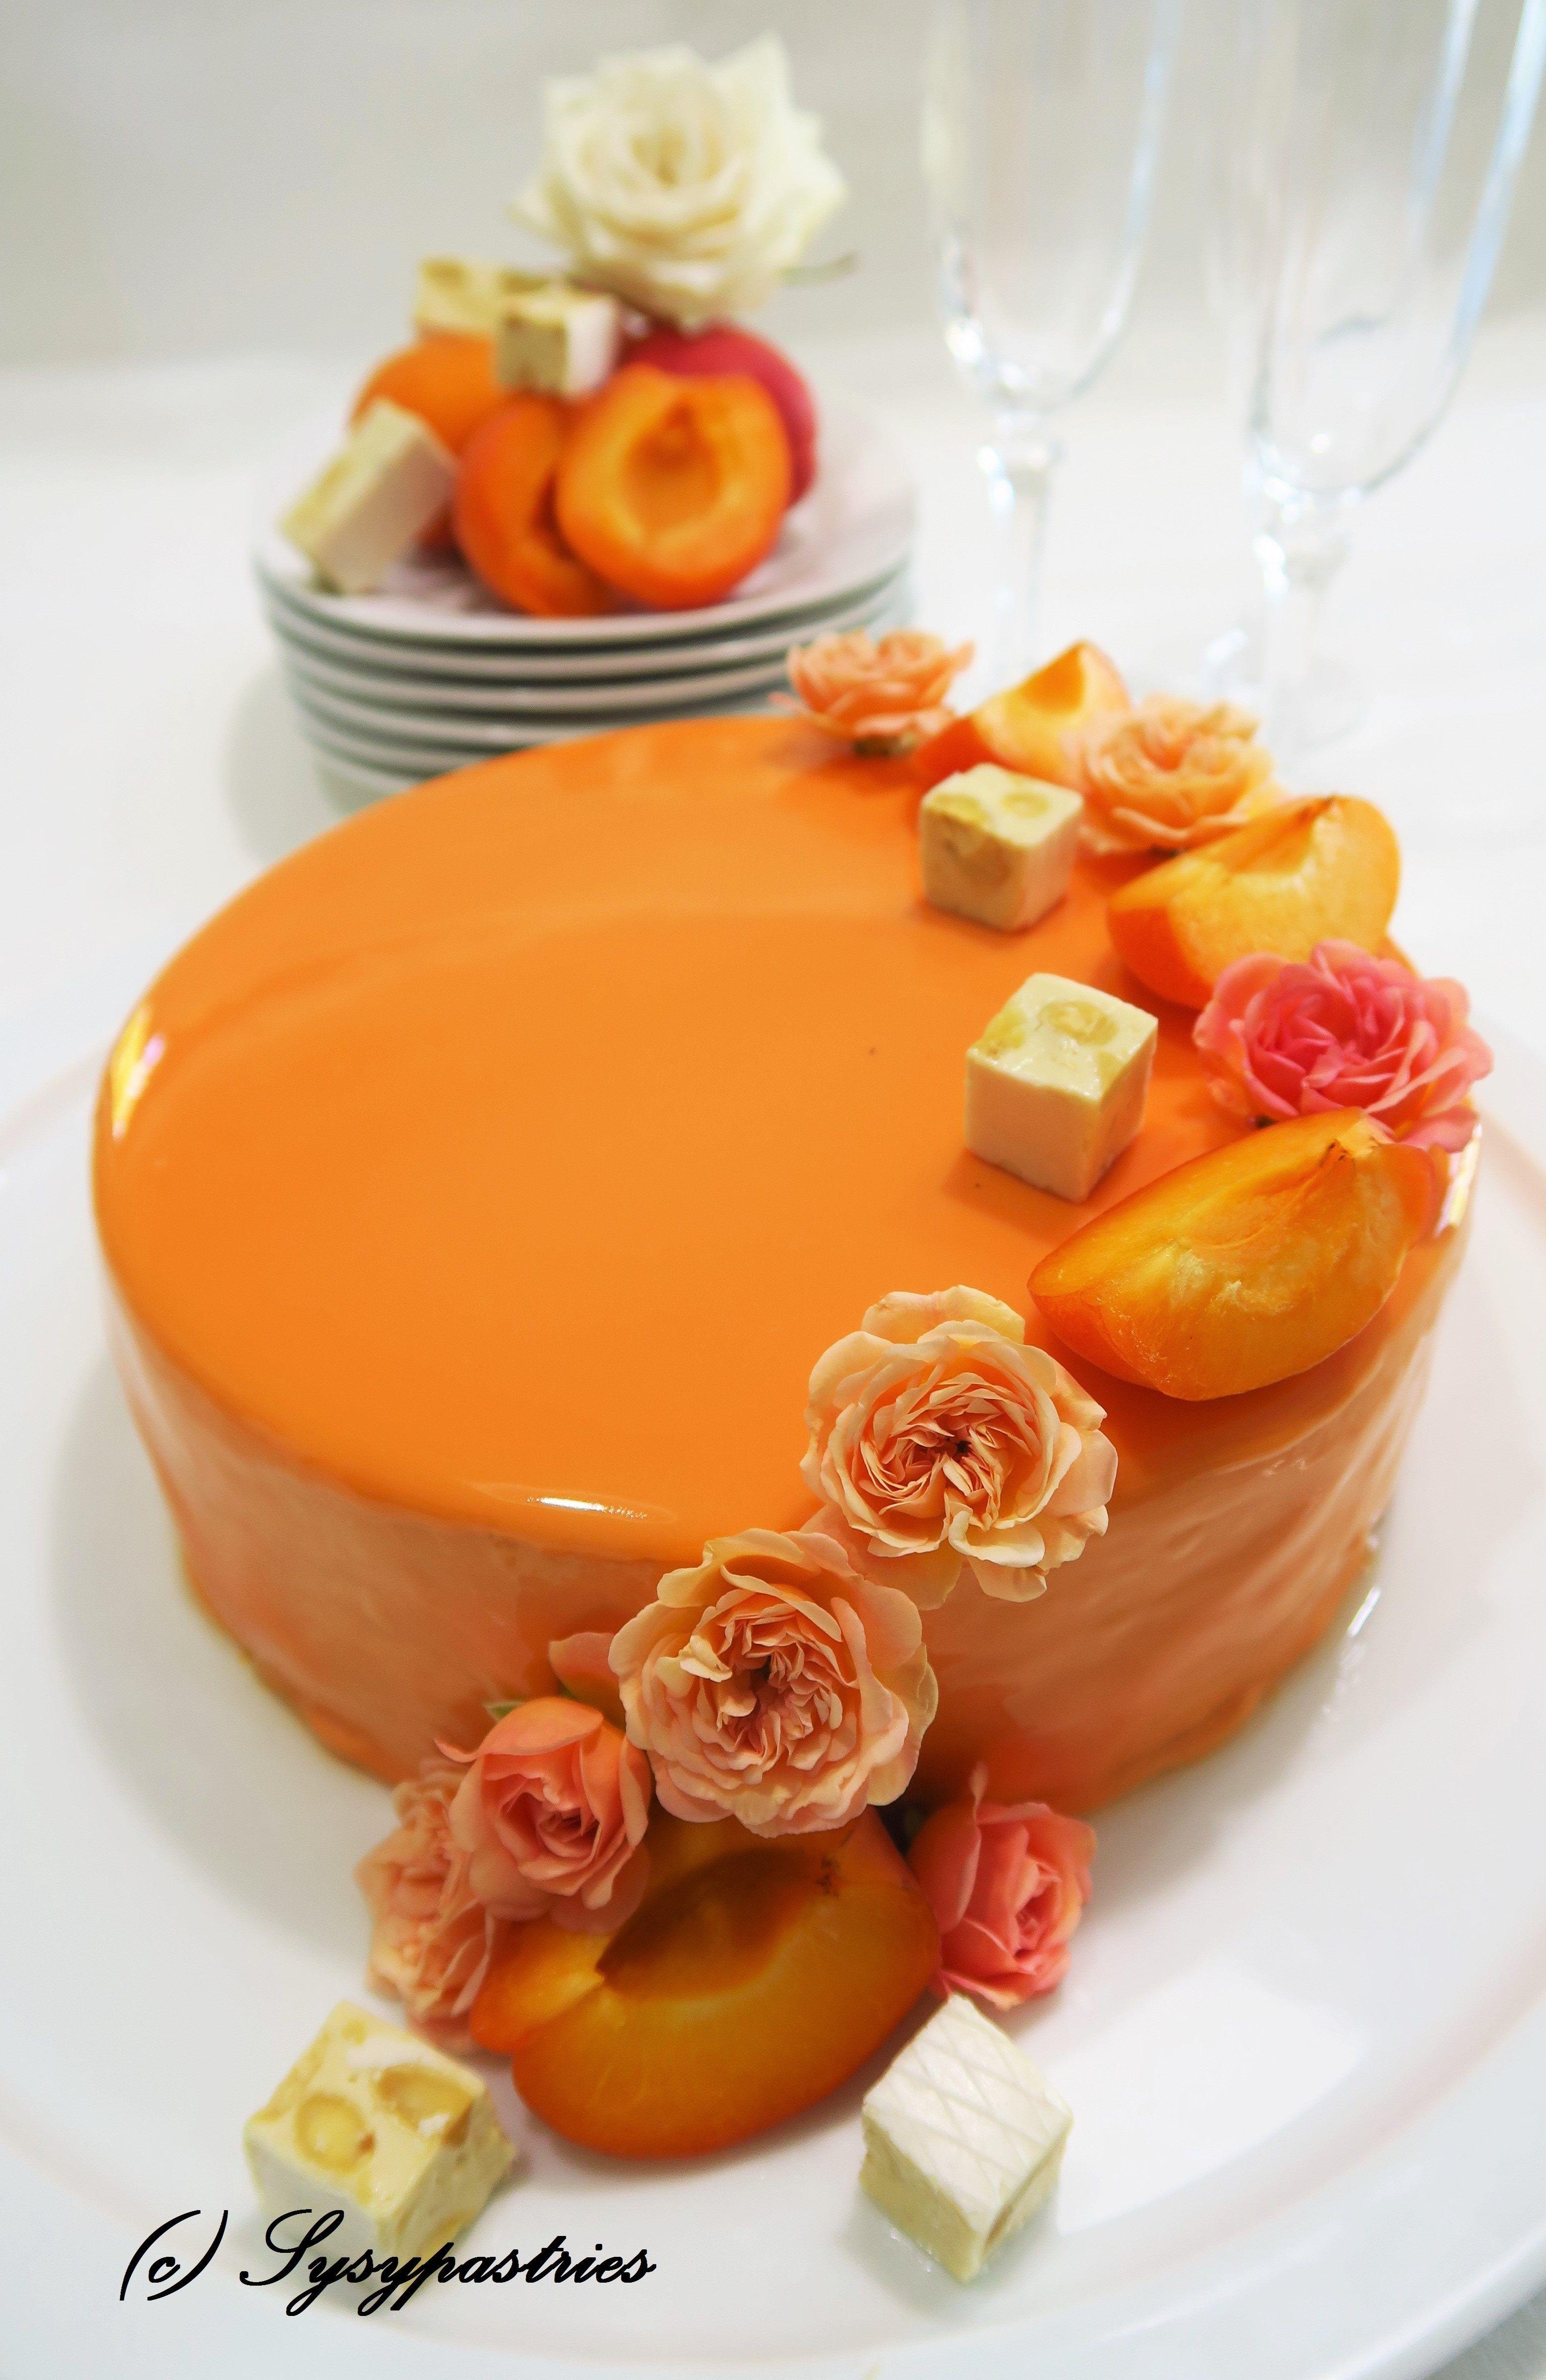 L'Abricot ... Biscuit madeleine et abricots, Crémeux nougat, gélifié d'abricots, mousse abricot, glaçage miroir orange... #biscuitmadeleine L'Abricot ... Biscuit madeleine et abricots, Crémeux nougat, gélifié d'abricots, mousse abricot, glaçage miroir orange... #biscuitmadeleine